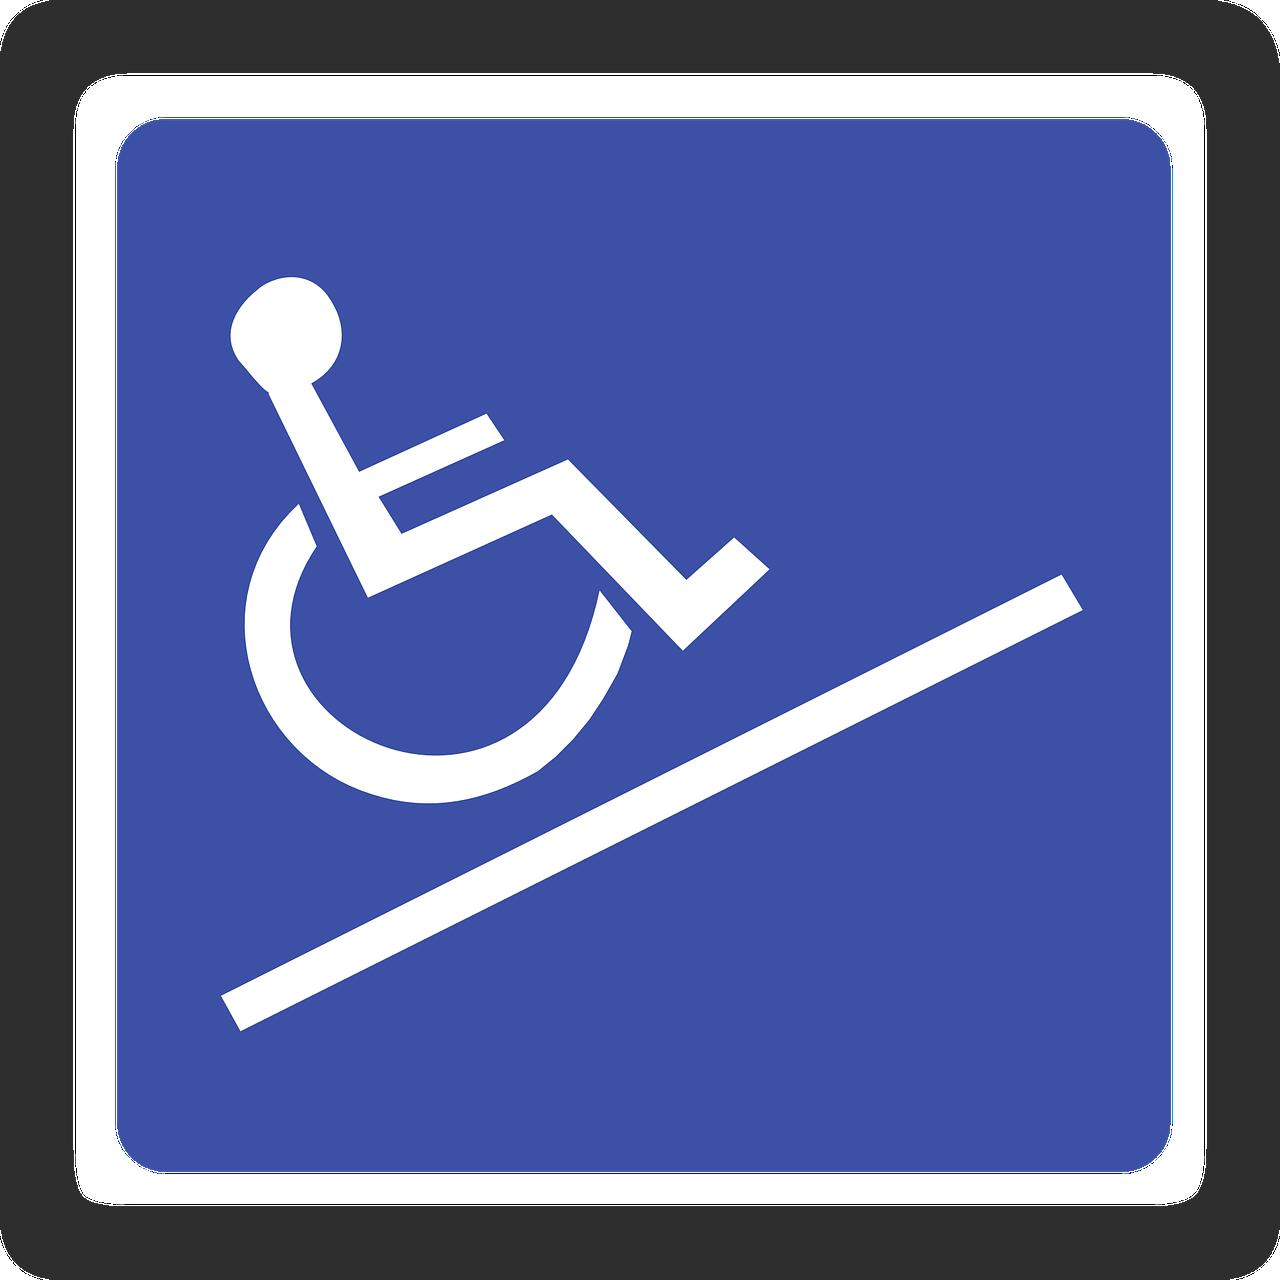 Jhonny Pattiasina Ervaren instelling gehandicaptenzorg verstandelijk gehandicapten